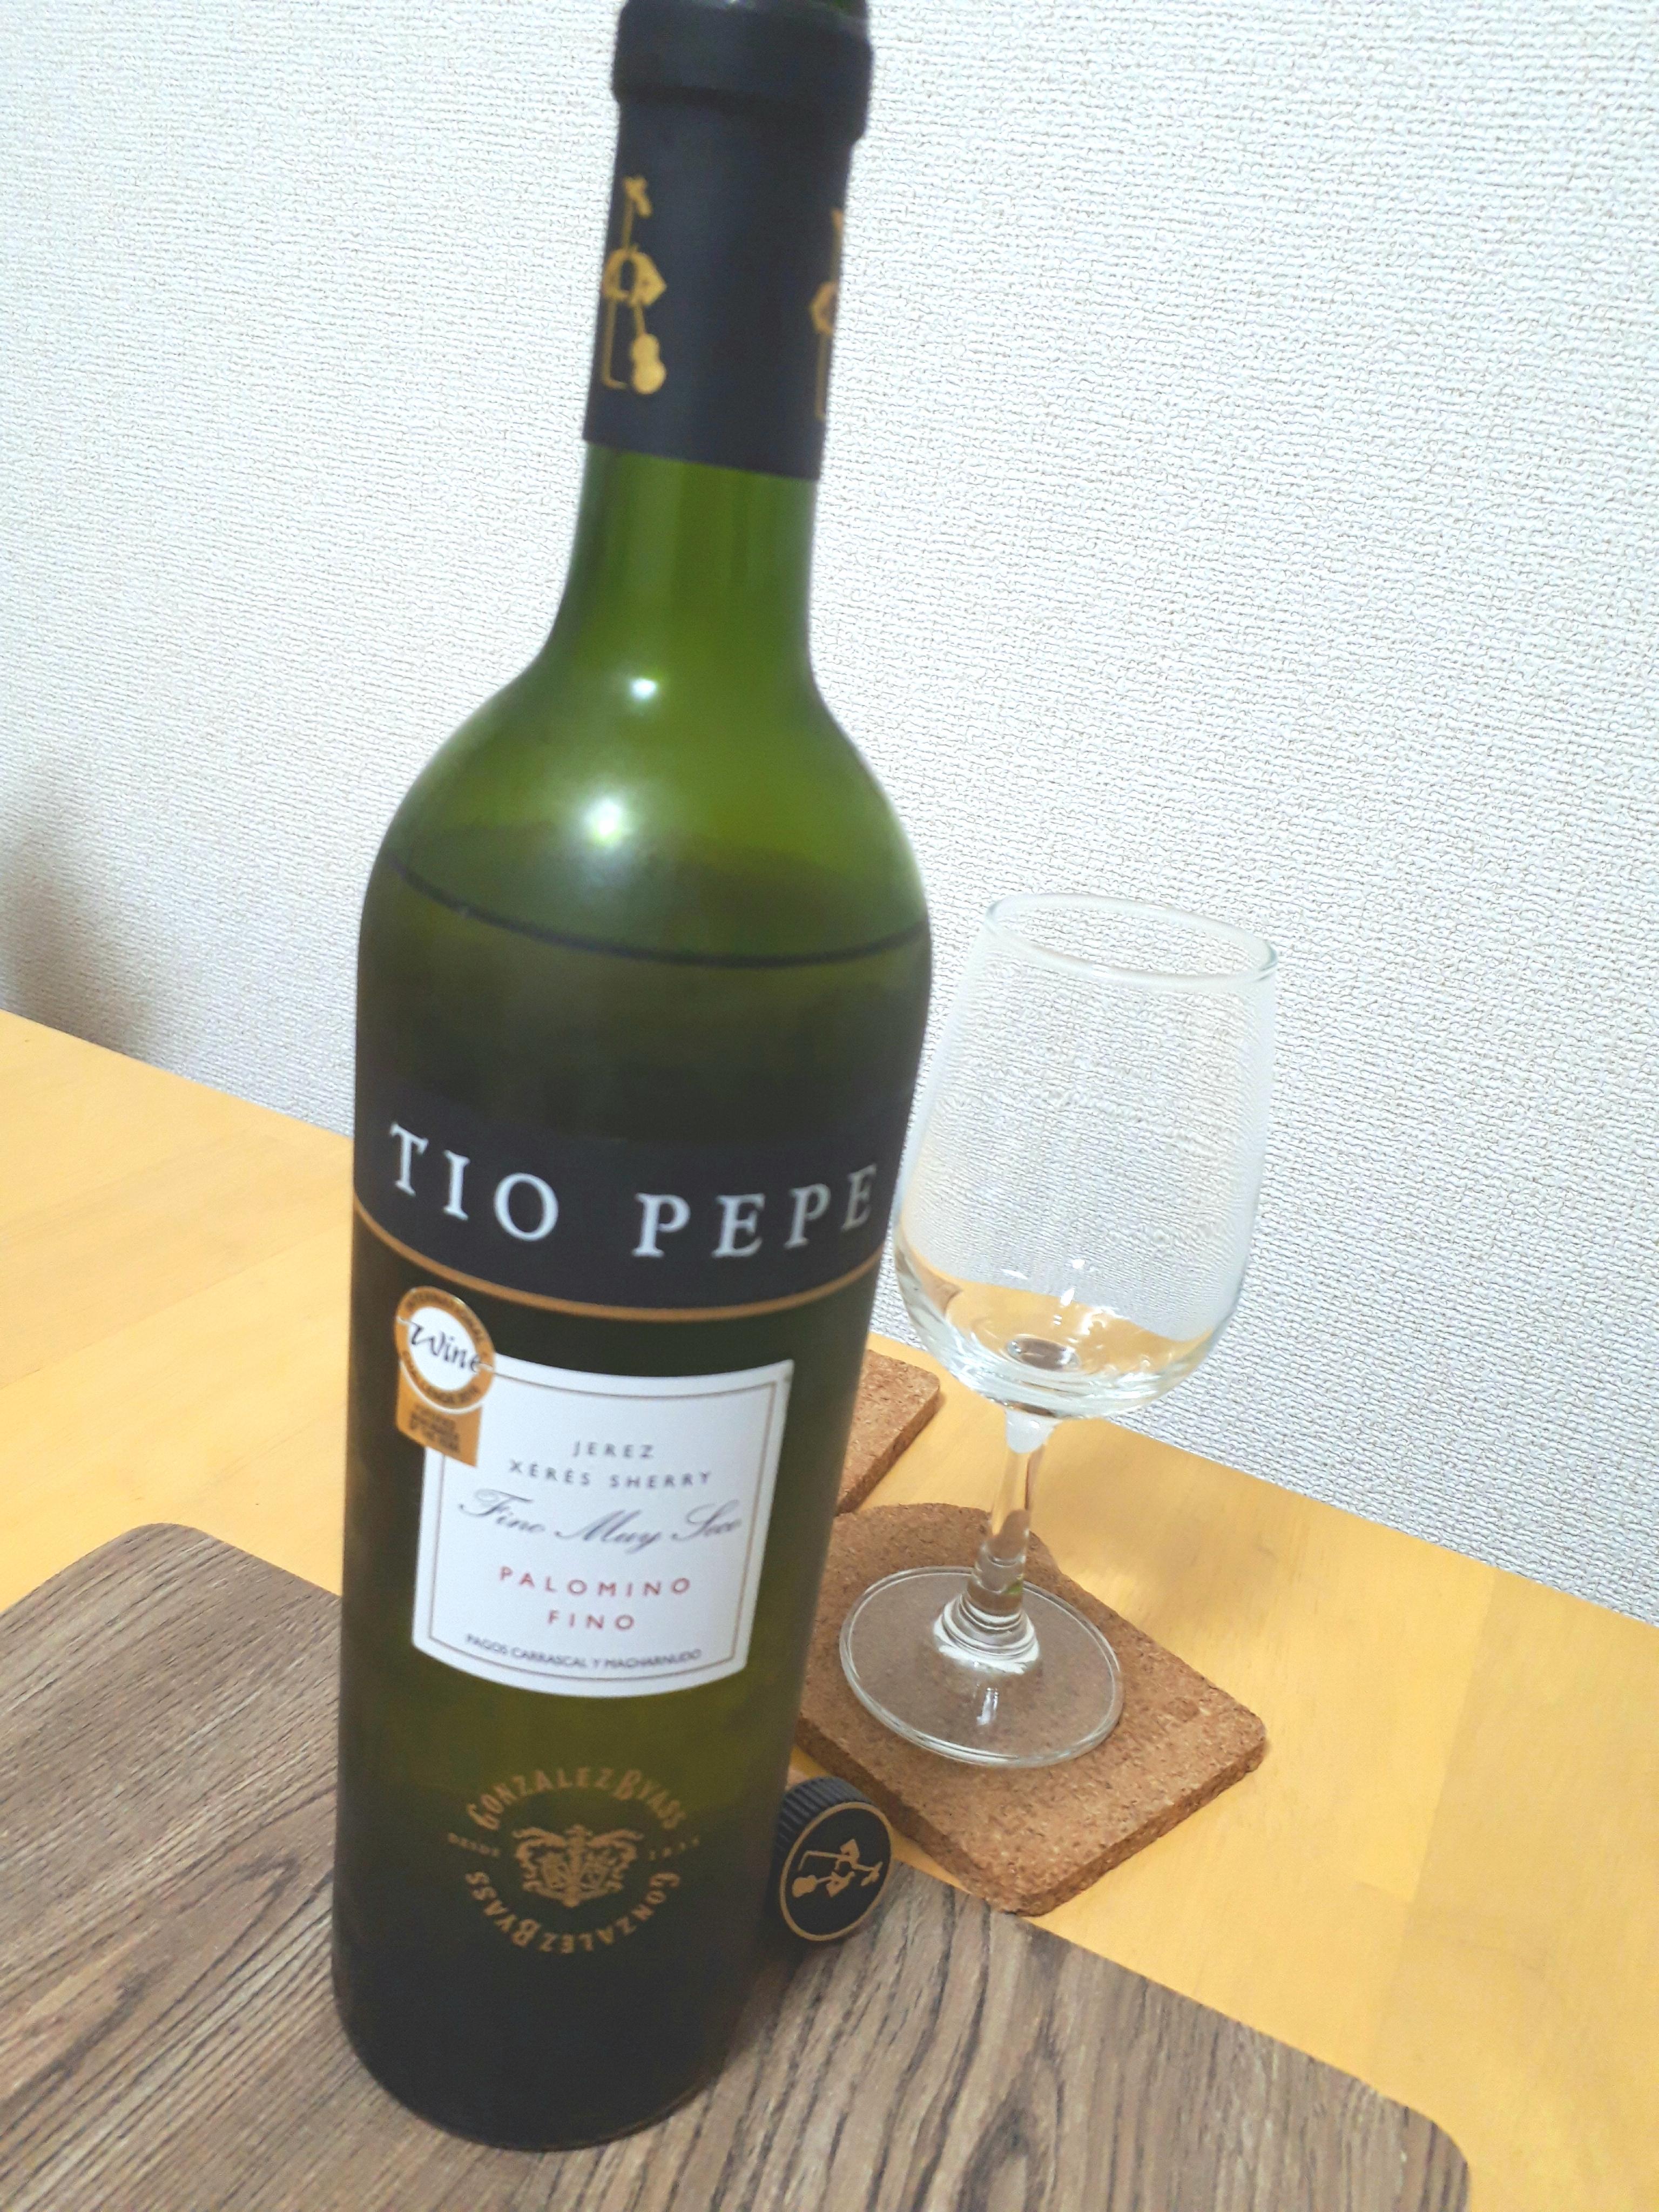 シェリー酒の定番、ゴンザレス・ビアス社のティオペペ